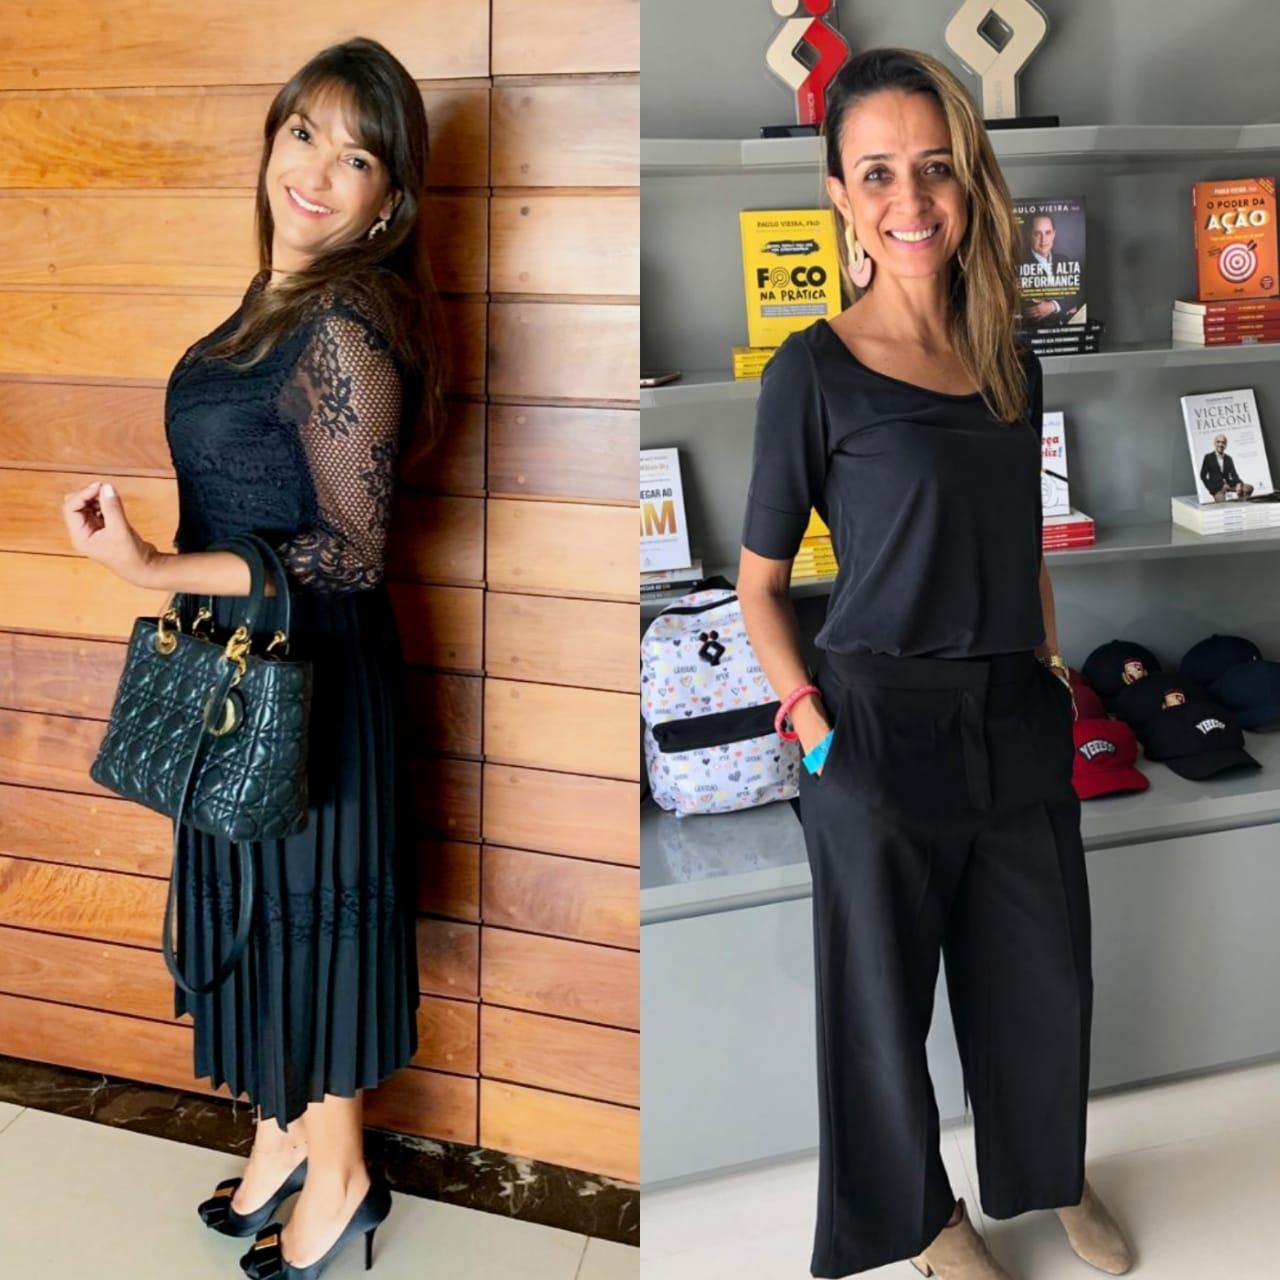 O sucesso do empreendedorismo feminino no Brasil